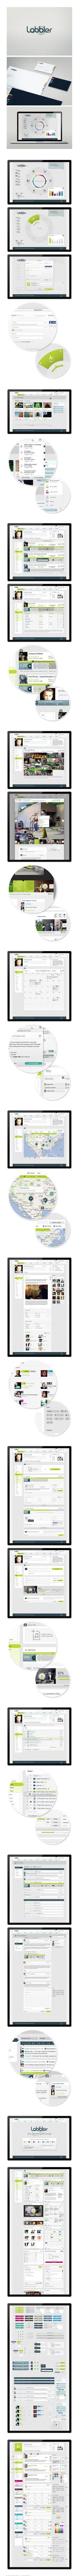 Labbler Music Community Interface - by Martin Oberhäuser